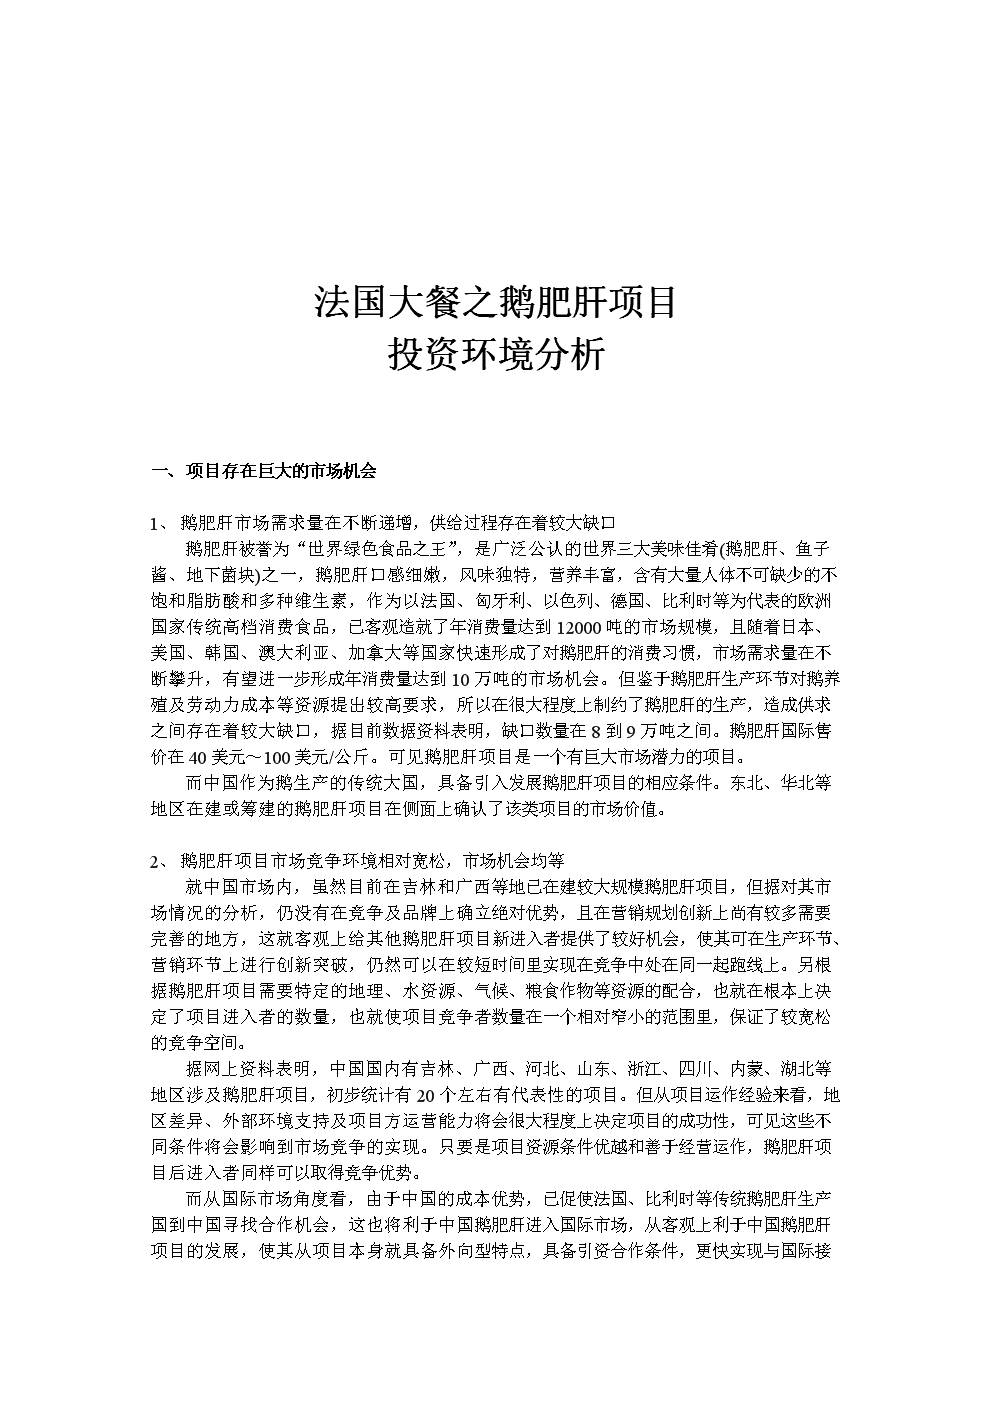 法国大餐之鹅肥肝项目投资环境分析.doc